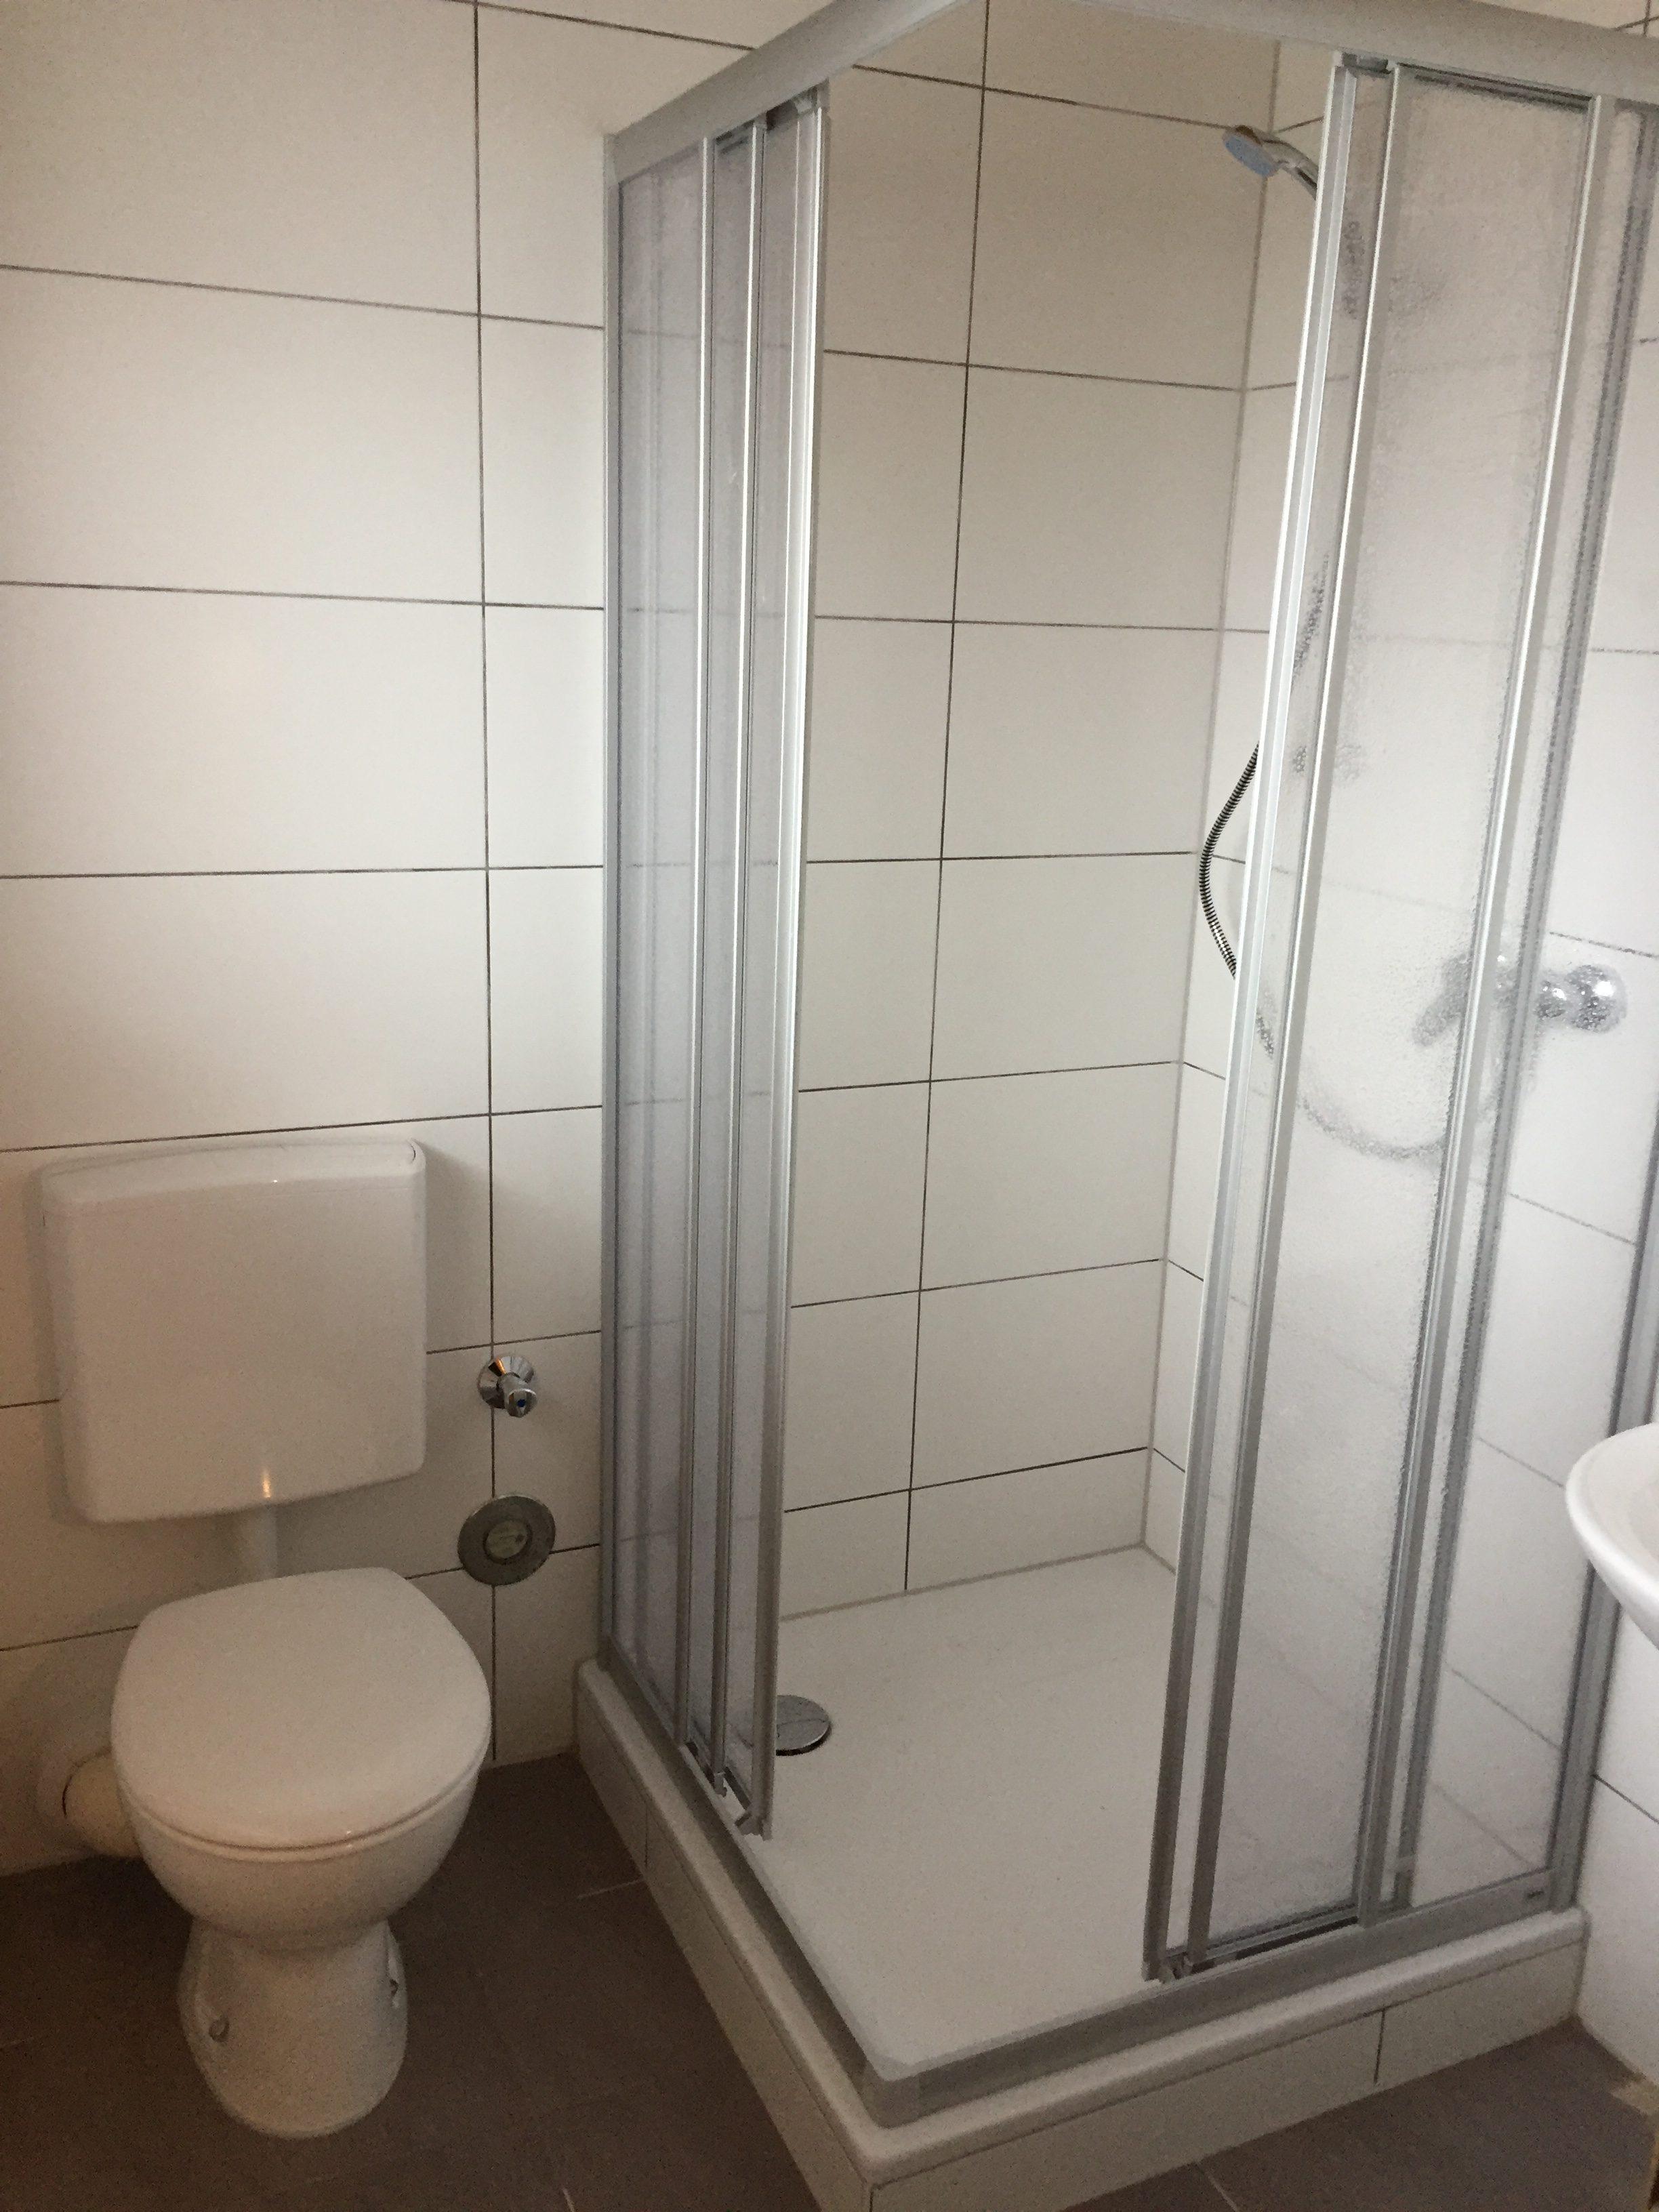 badrenovierung kleines bad badideen modern badrenovierung kleines bad ganz gross x. Black Bedroom Furniture Sets. Home Design Ideas